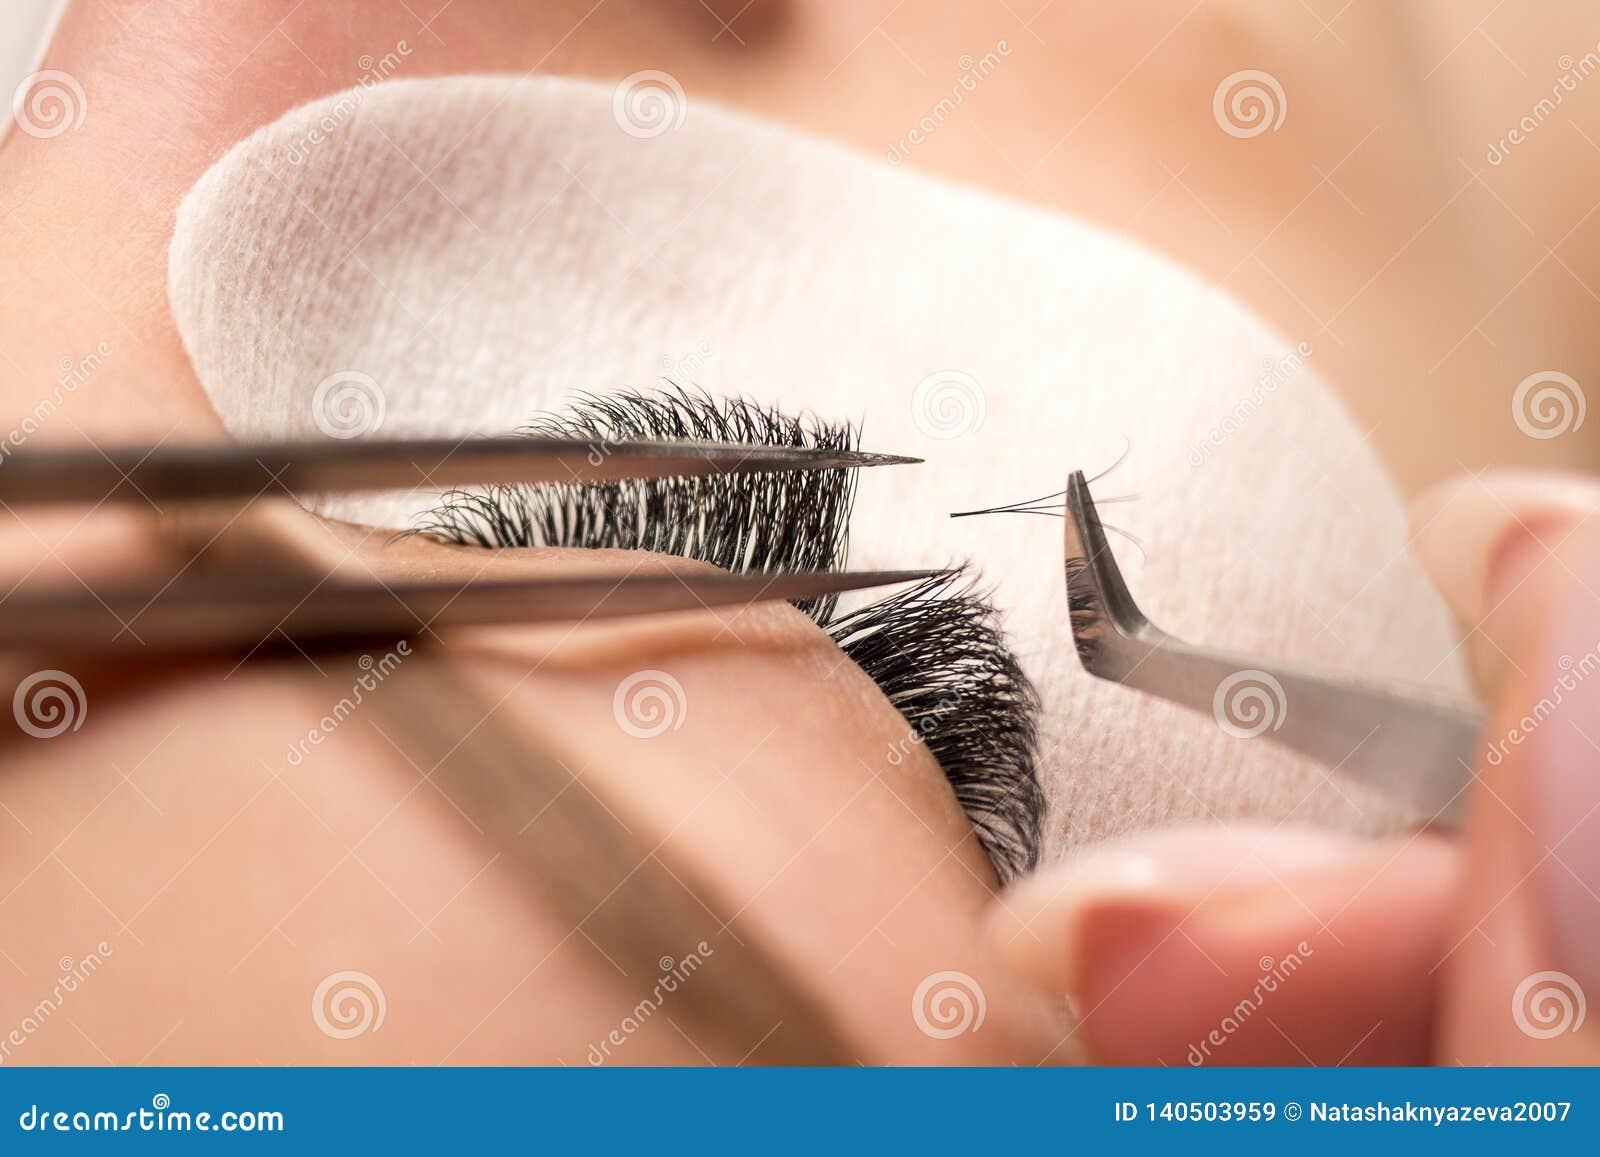 Eyelash extension procedure. Female eye with long black eyelashes, close up, selective focus.